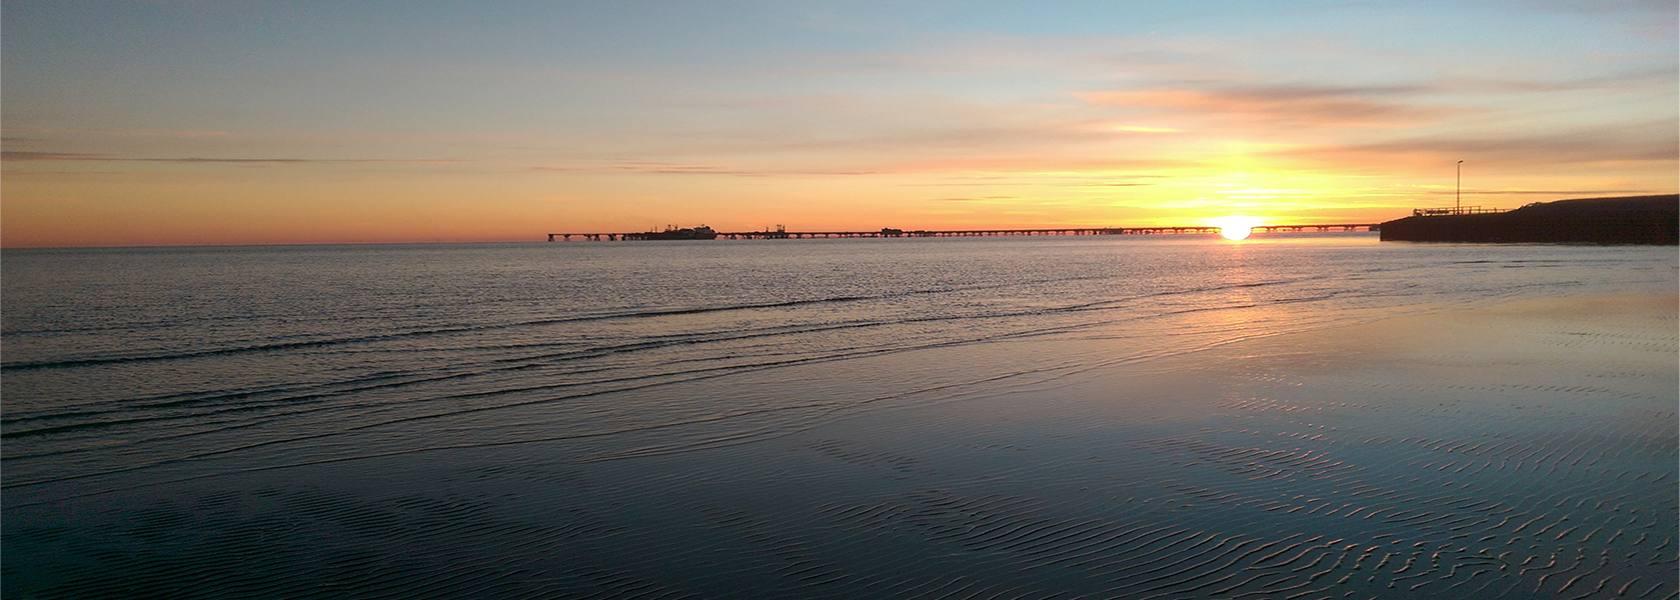 Strand von Hooksiel, © Die Nordsee GmbH, Birte Kreitz